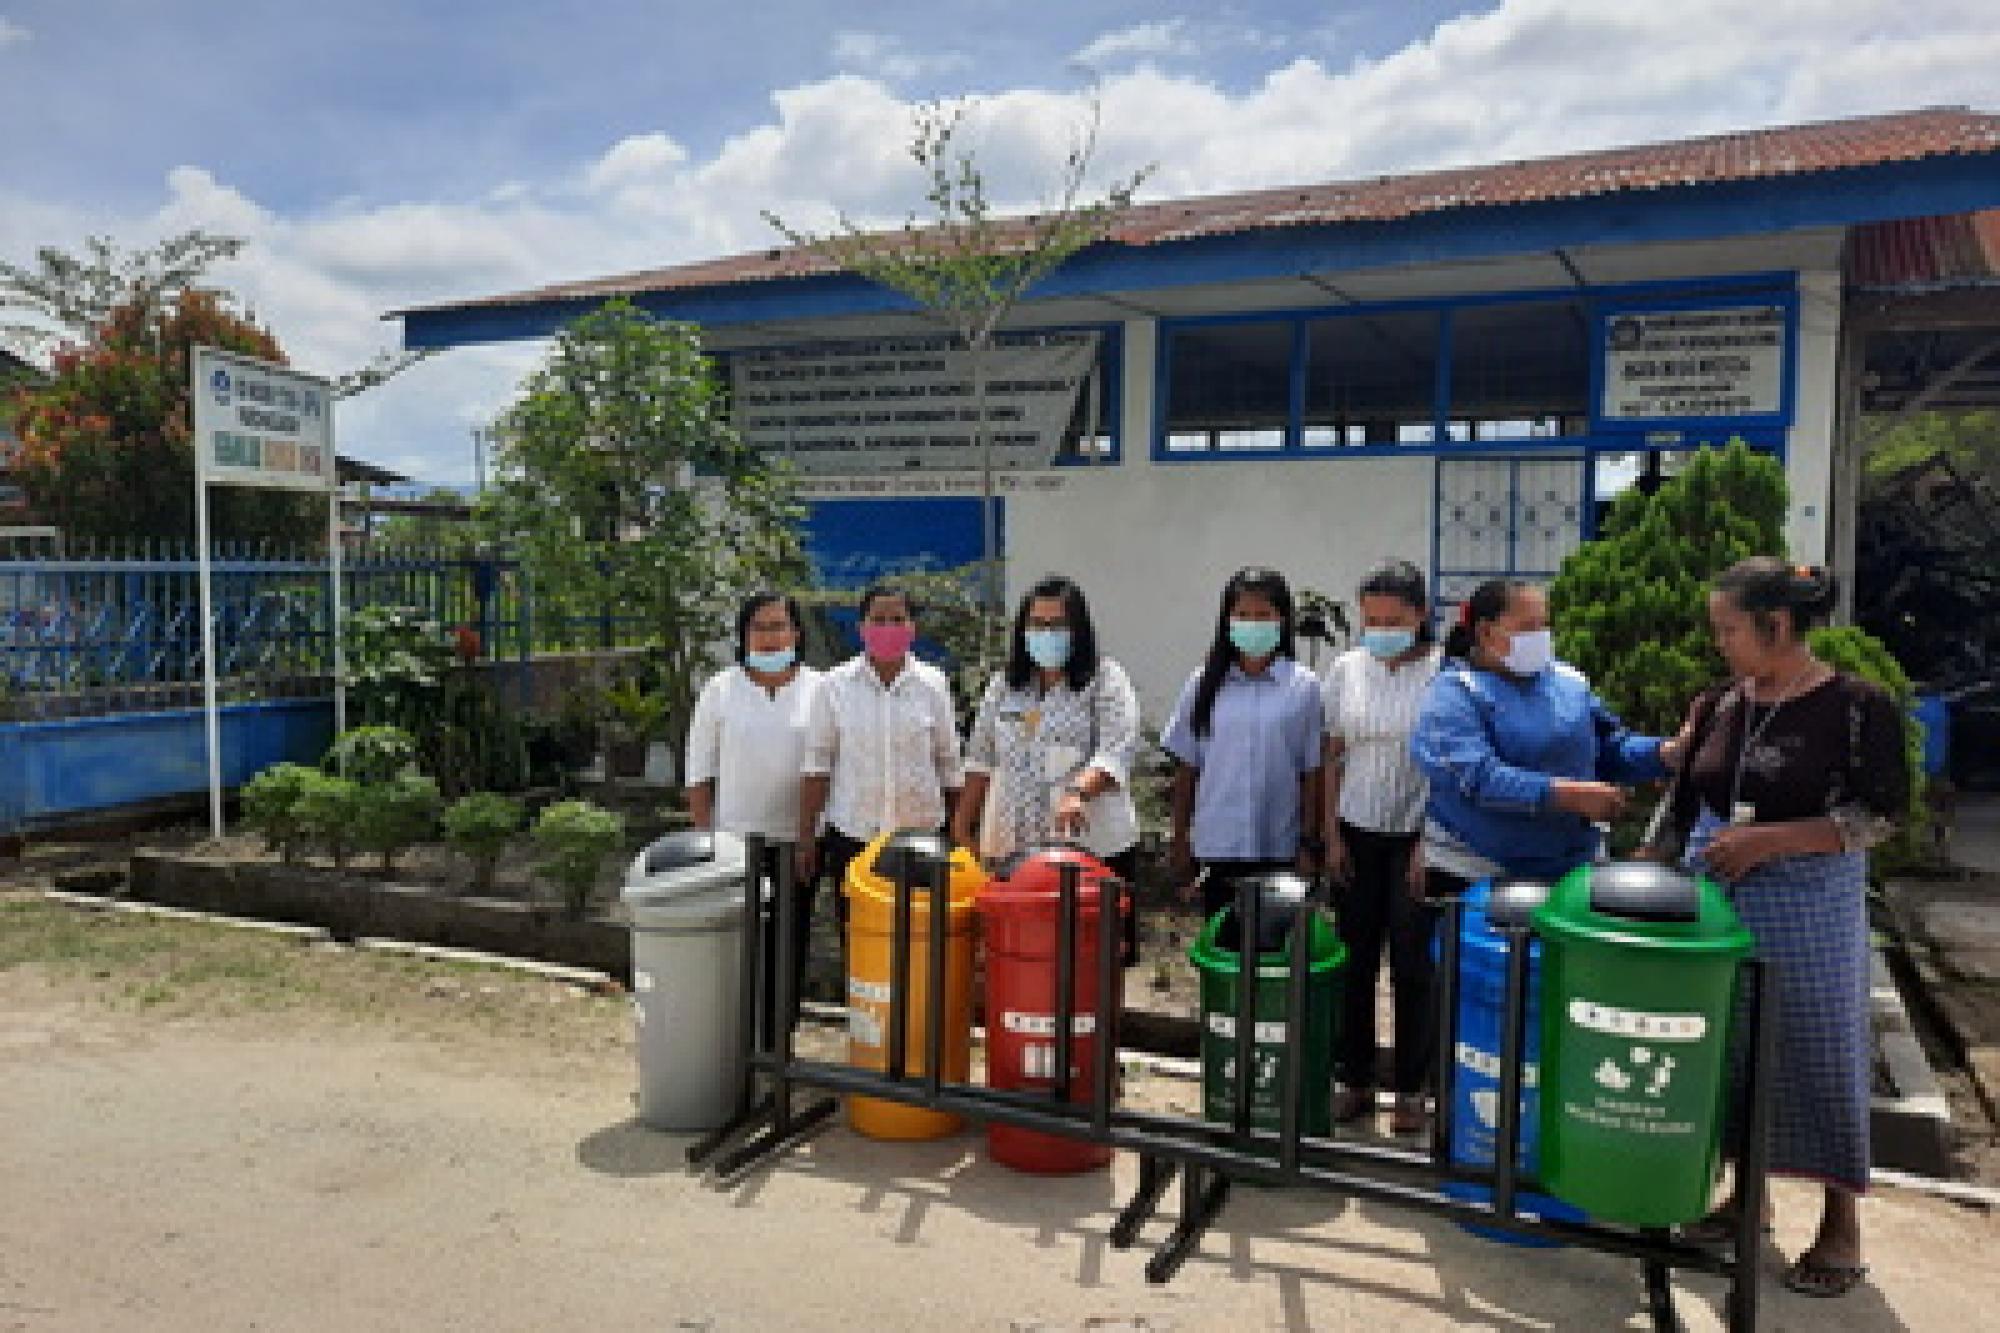 Dukung Pencapaian Target Pengurangan Sampah pada 2025, Lentera Anak Dukung Sekolah jadi Agent of Change Penanganan Sampah